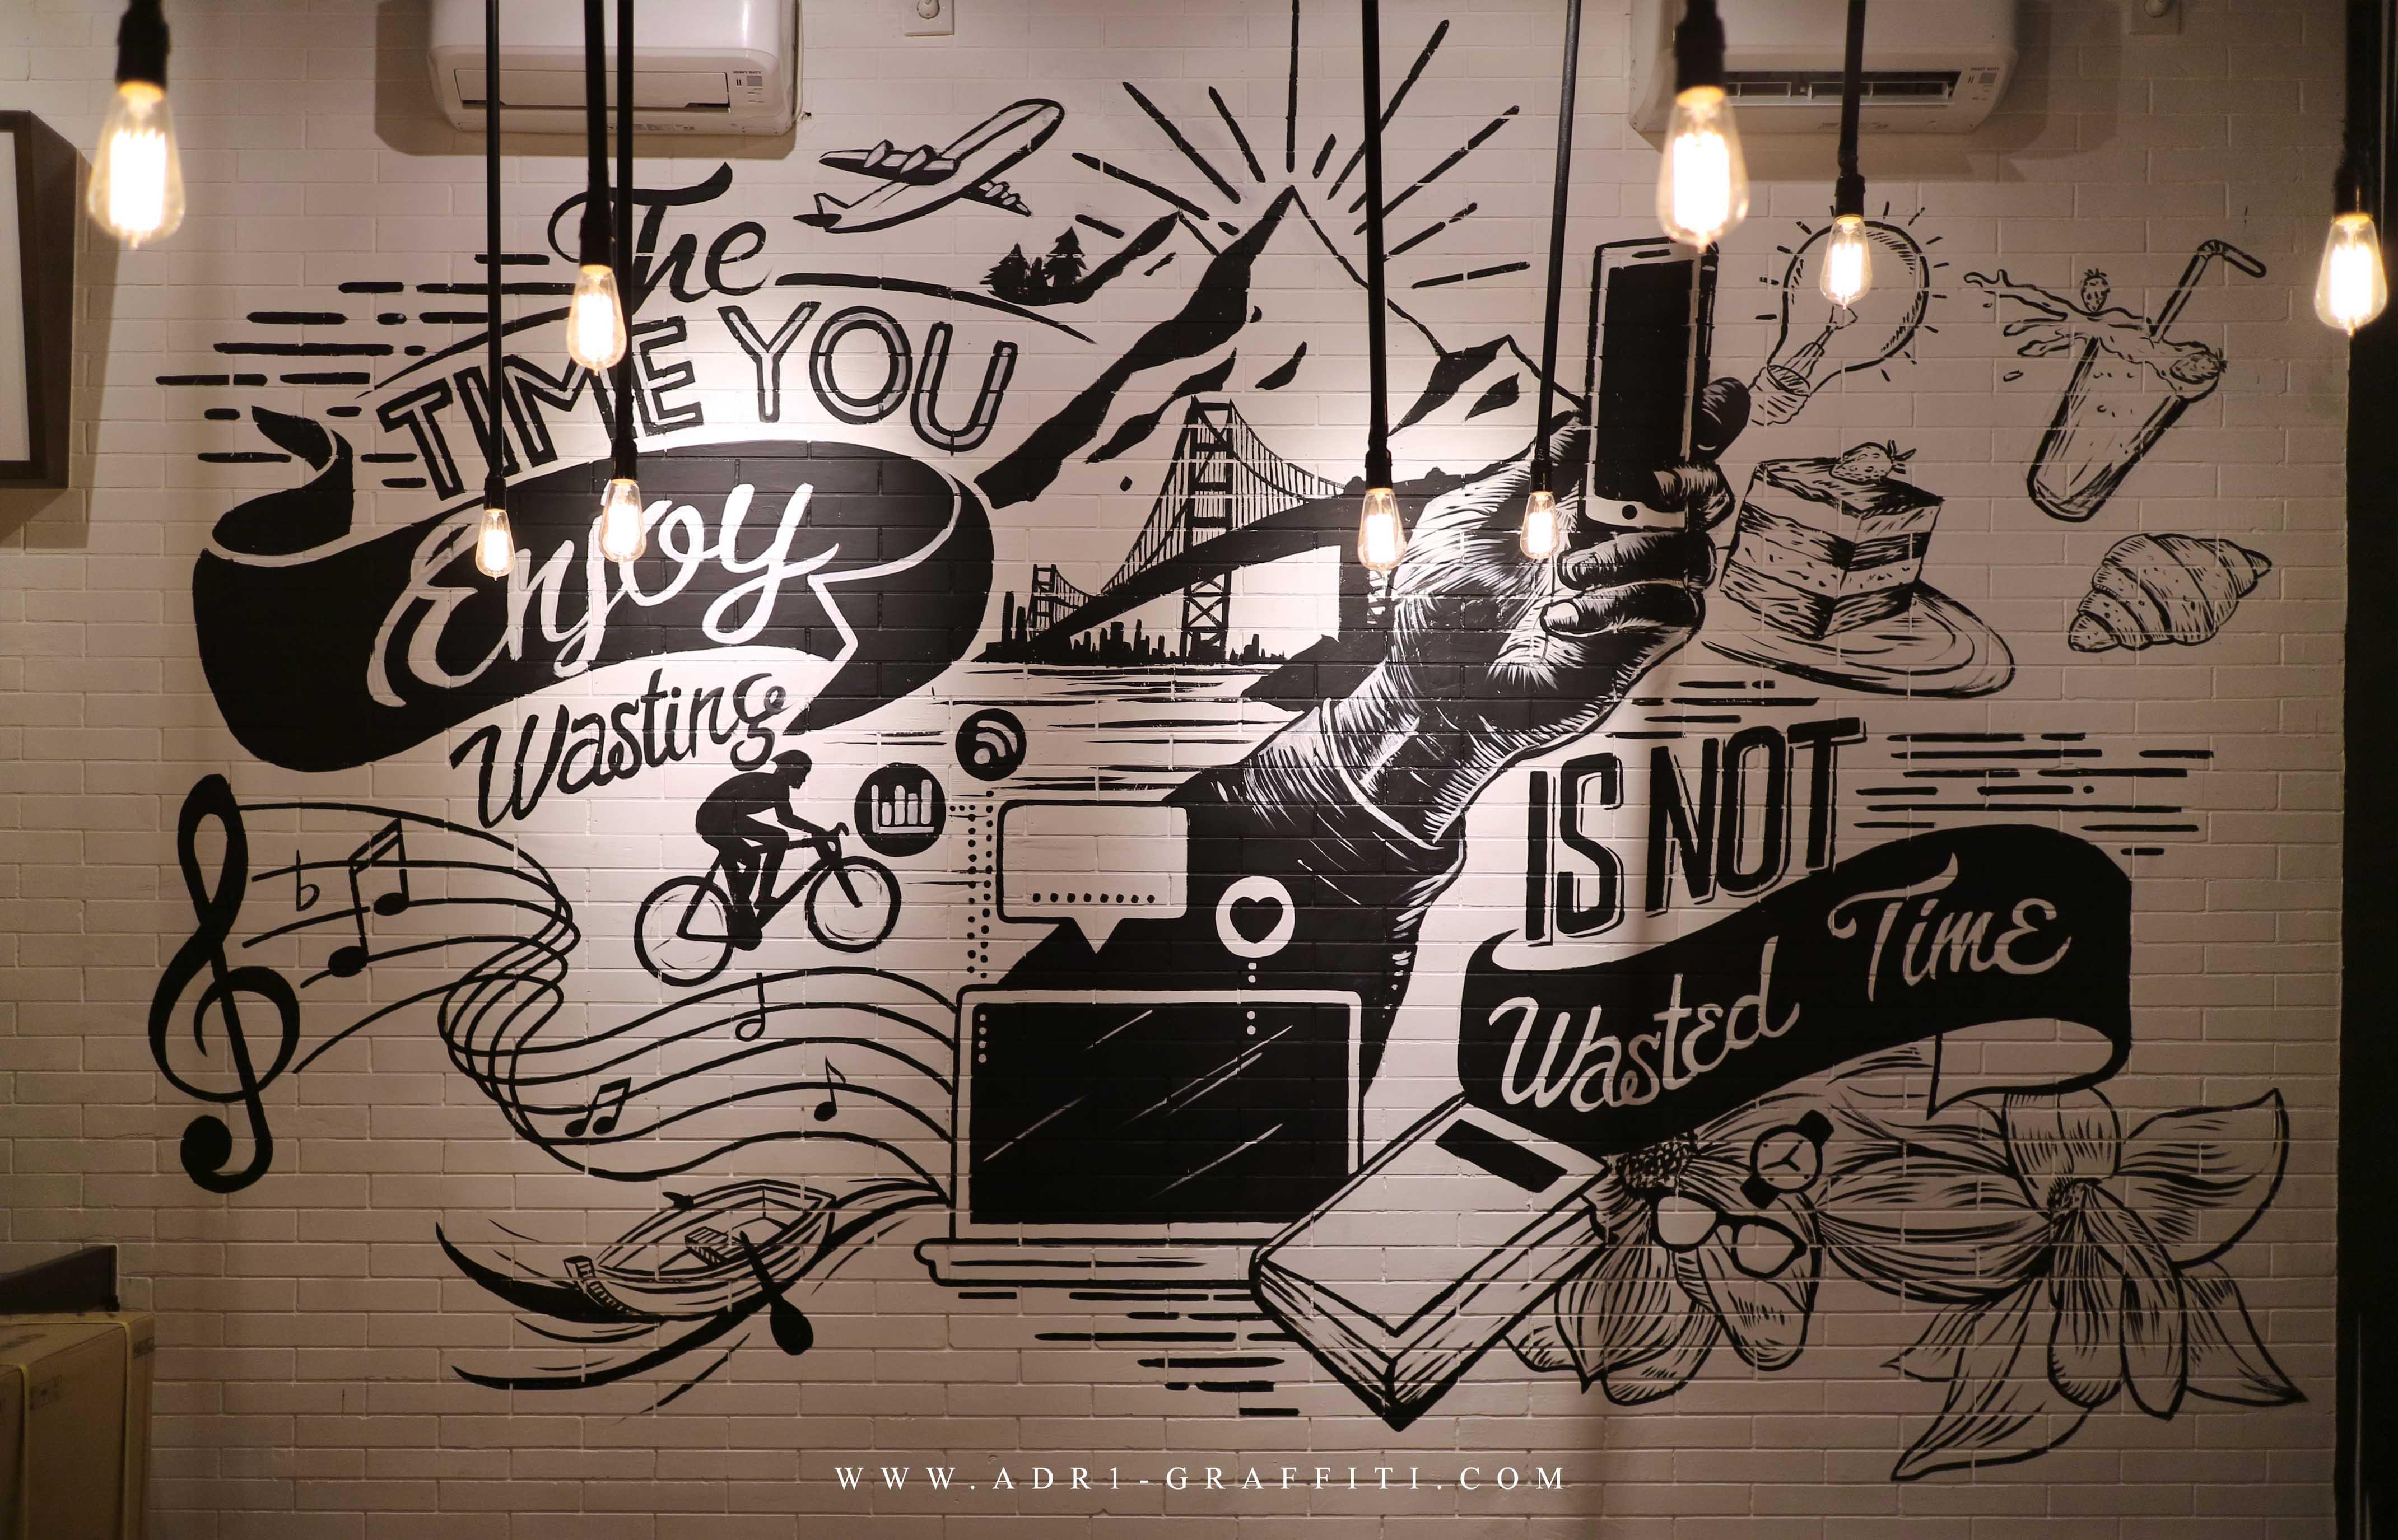 Unduh 80+ Gambar Grafiti Untuk Cafe Paling Bagus Gratis